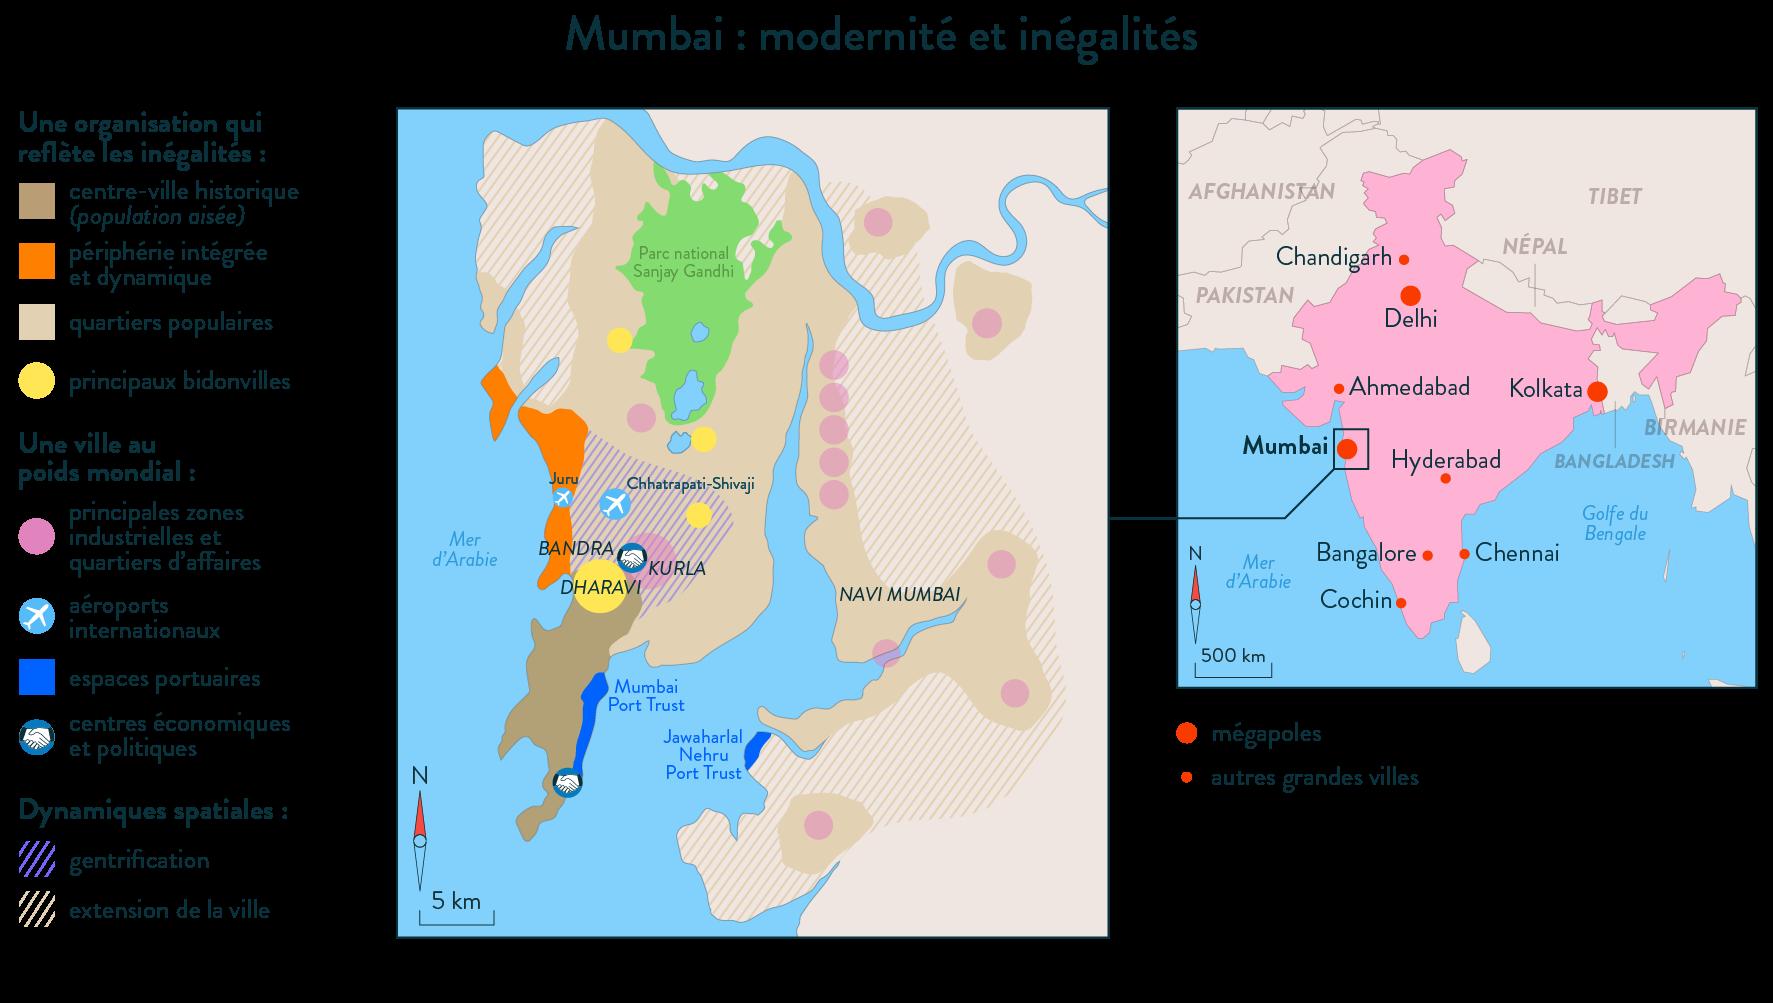 Mumbai modernité inégalités carte